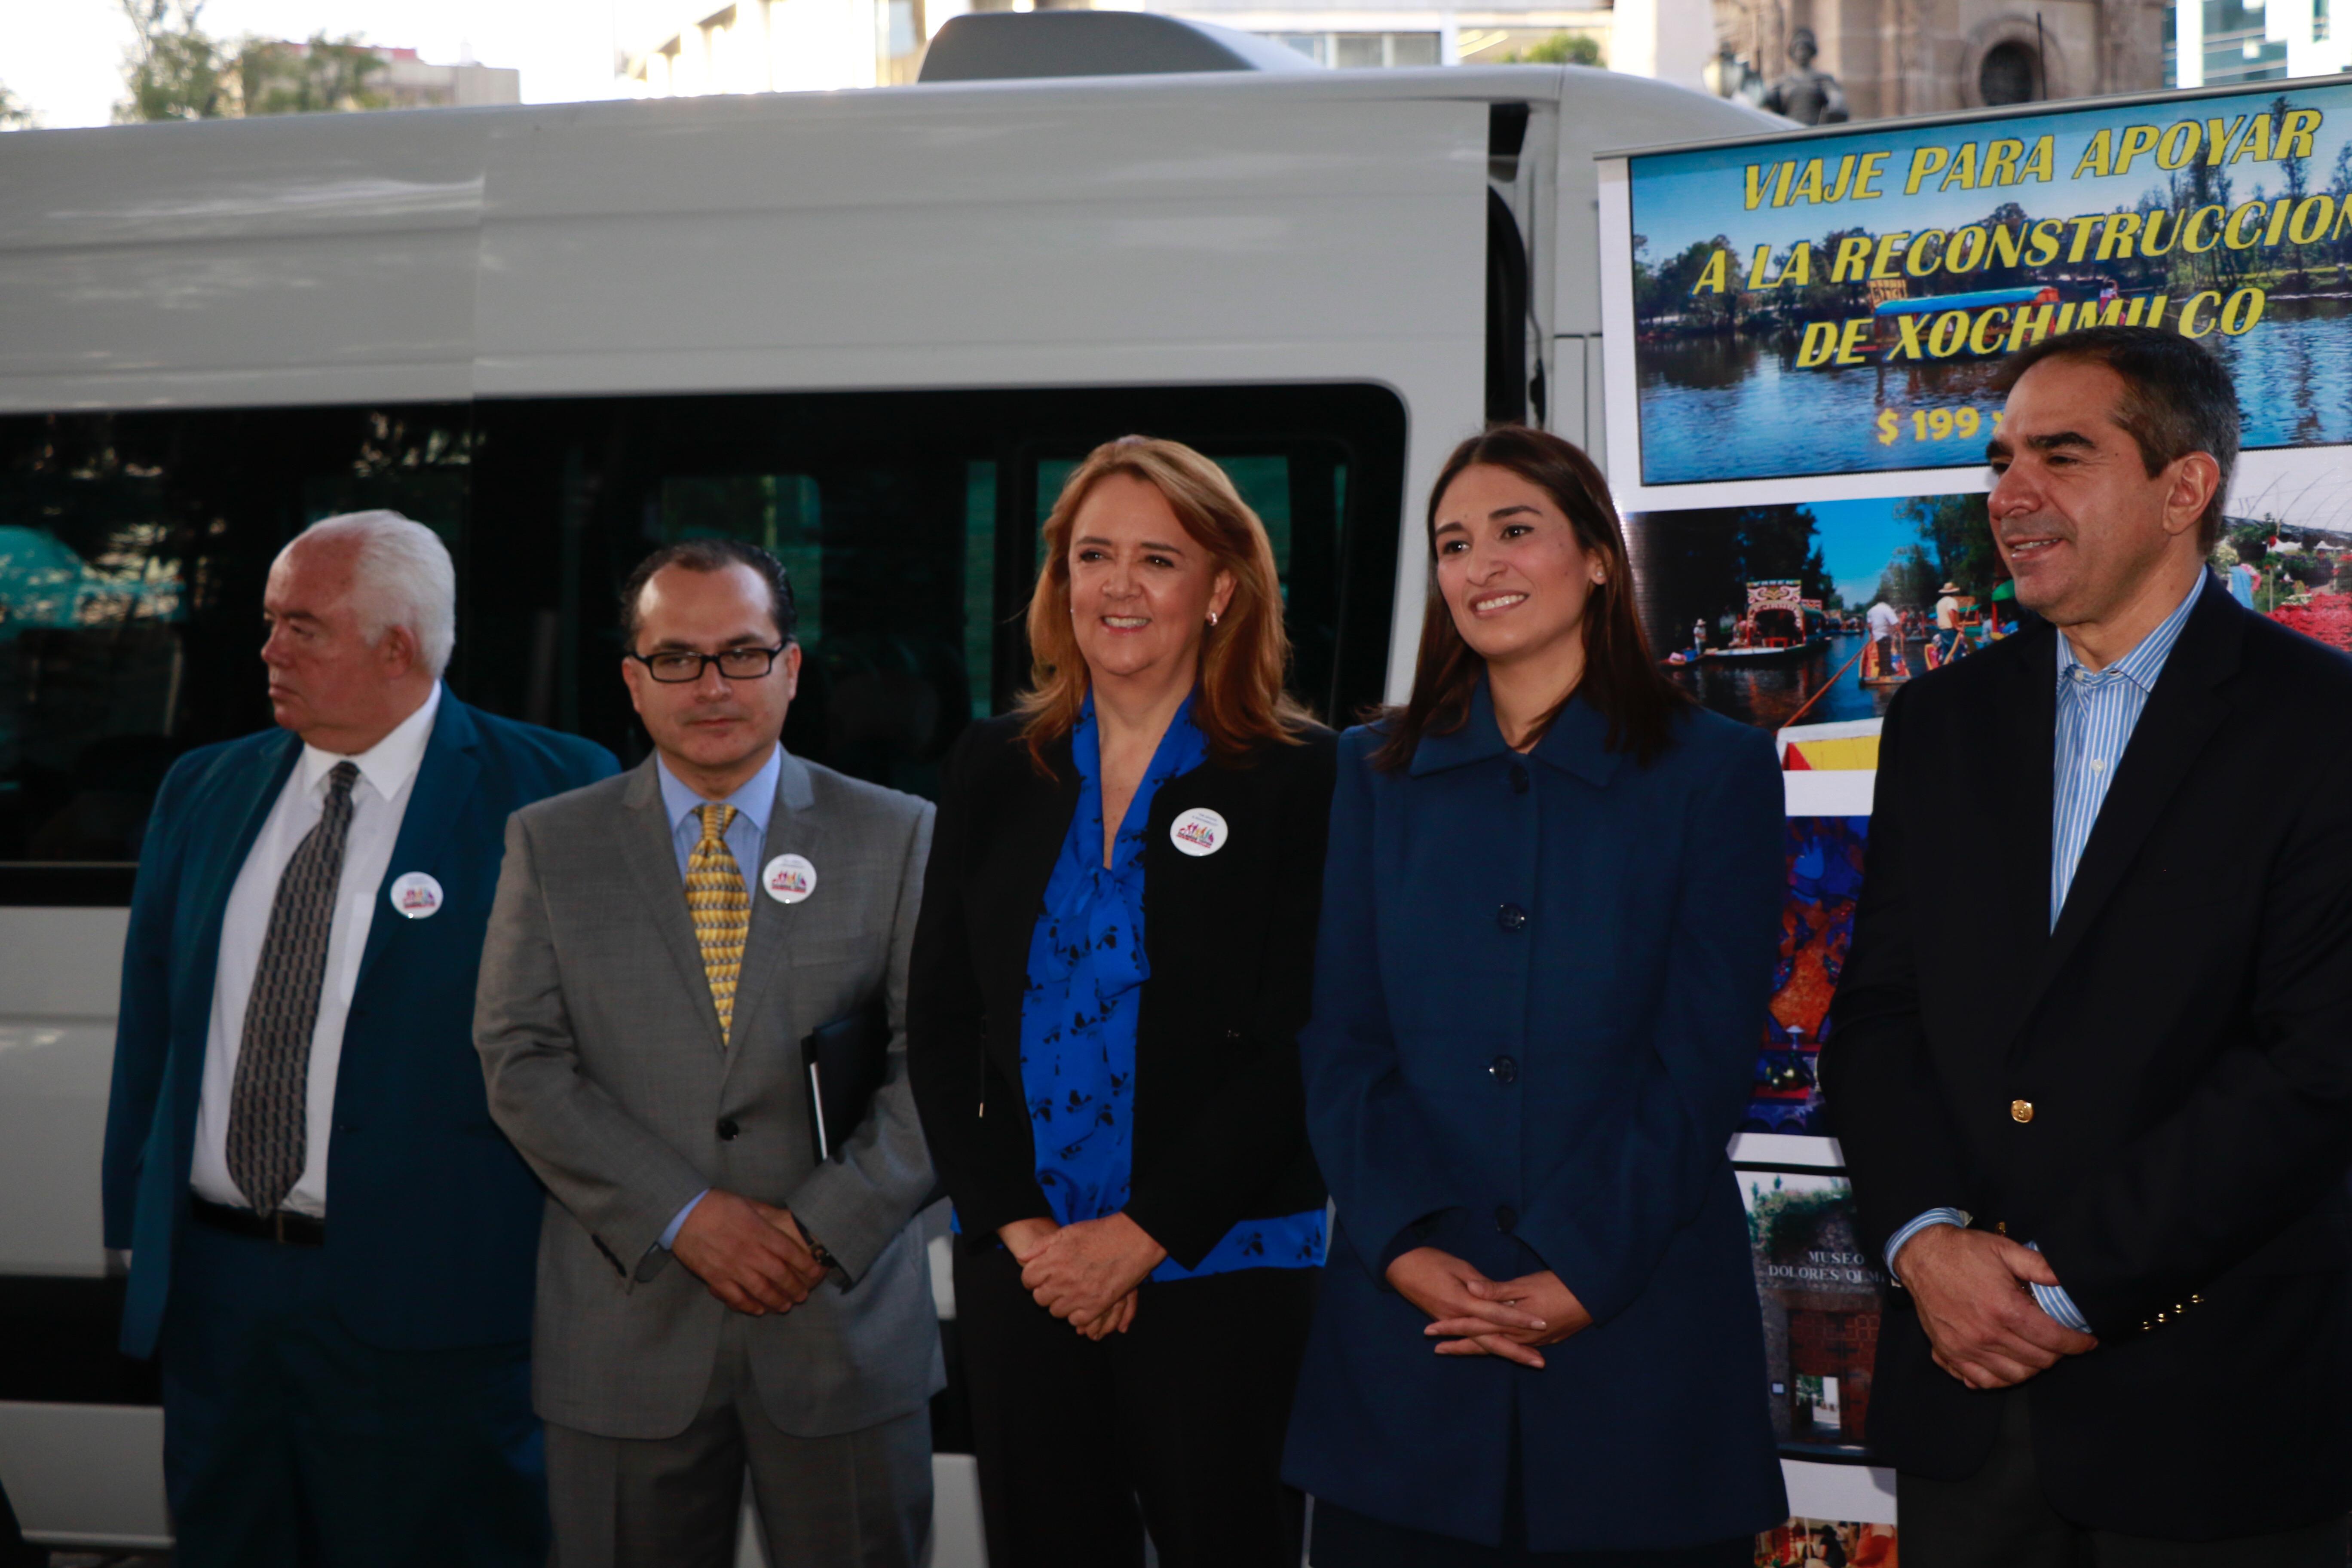 Inician viajes de turismo solidario a Xochimilco, para reactivar la economía